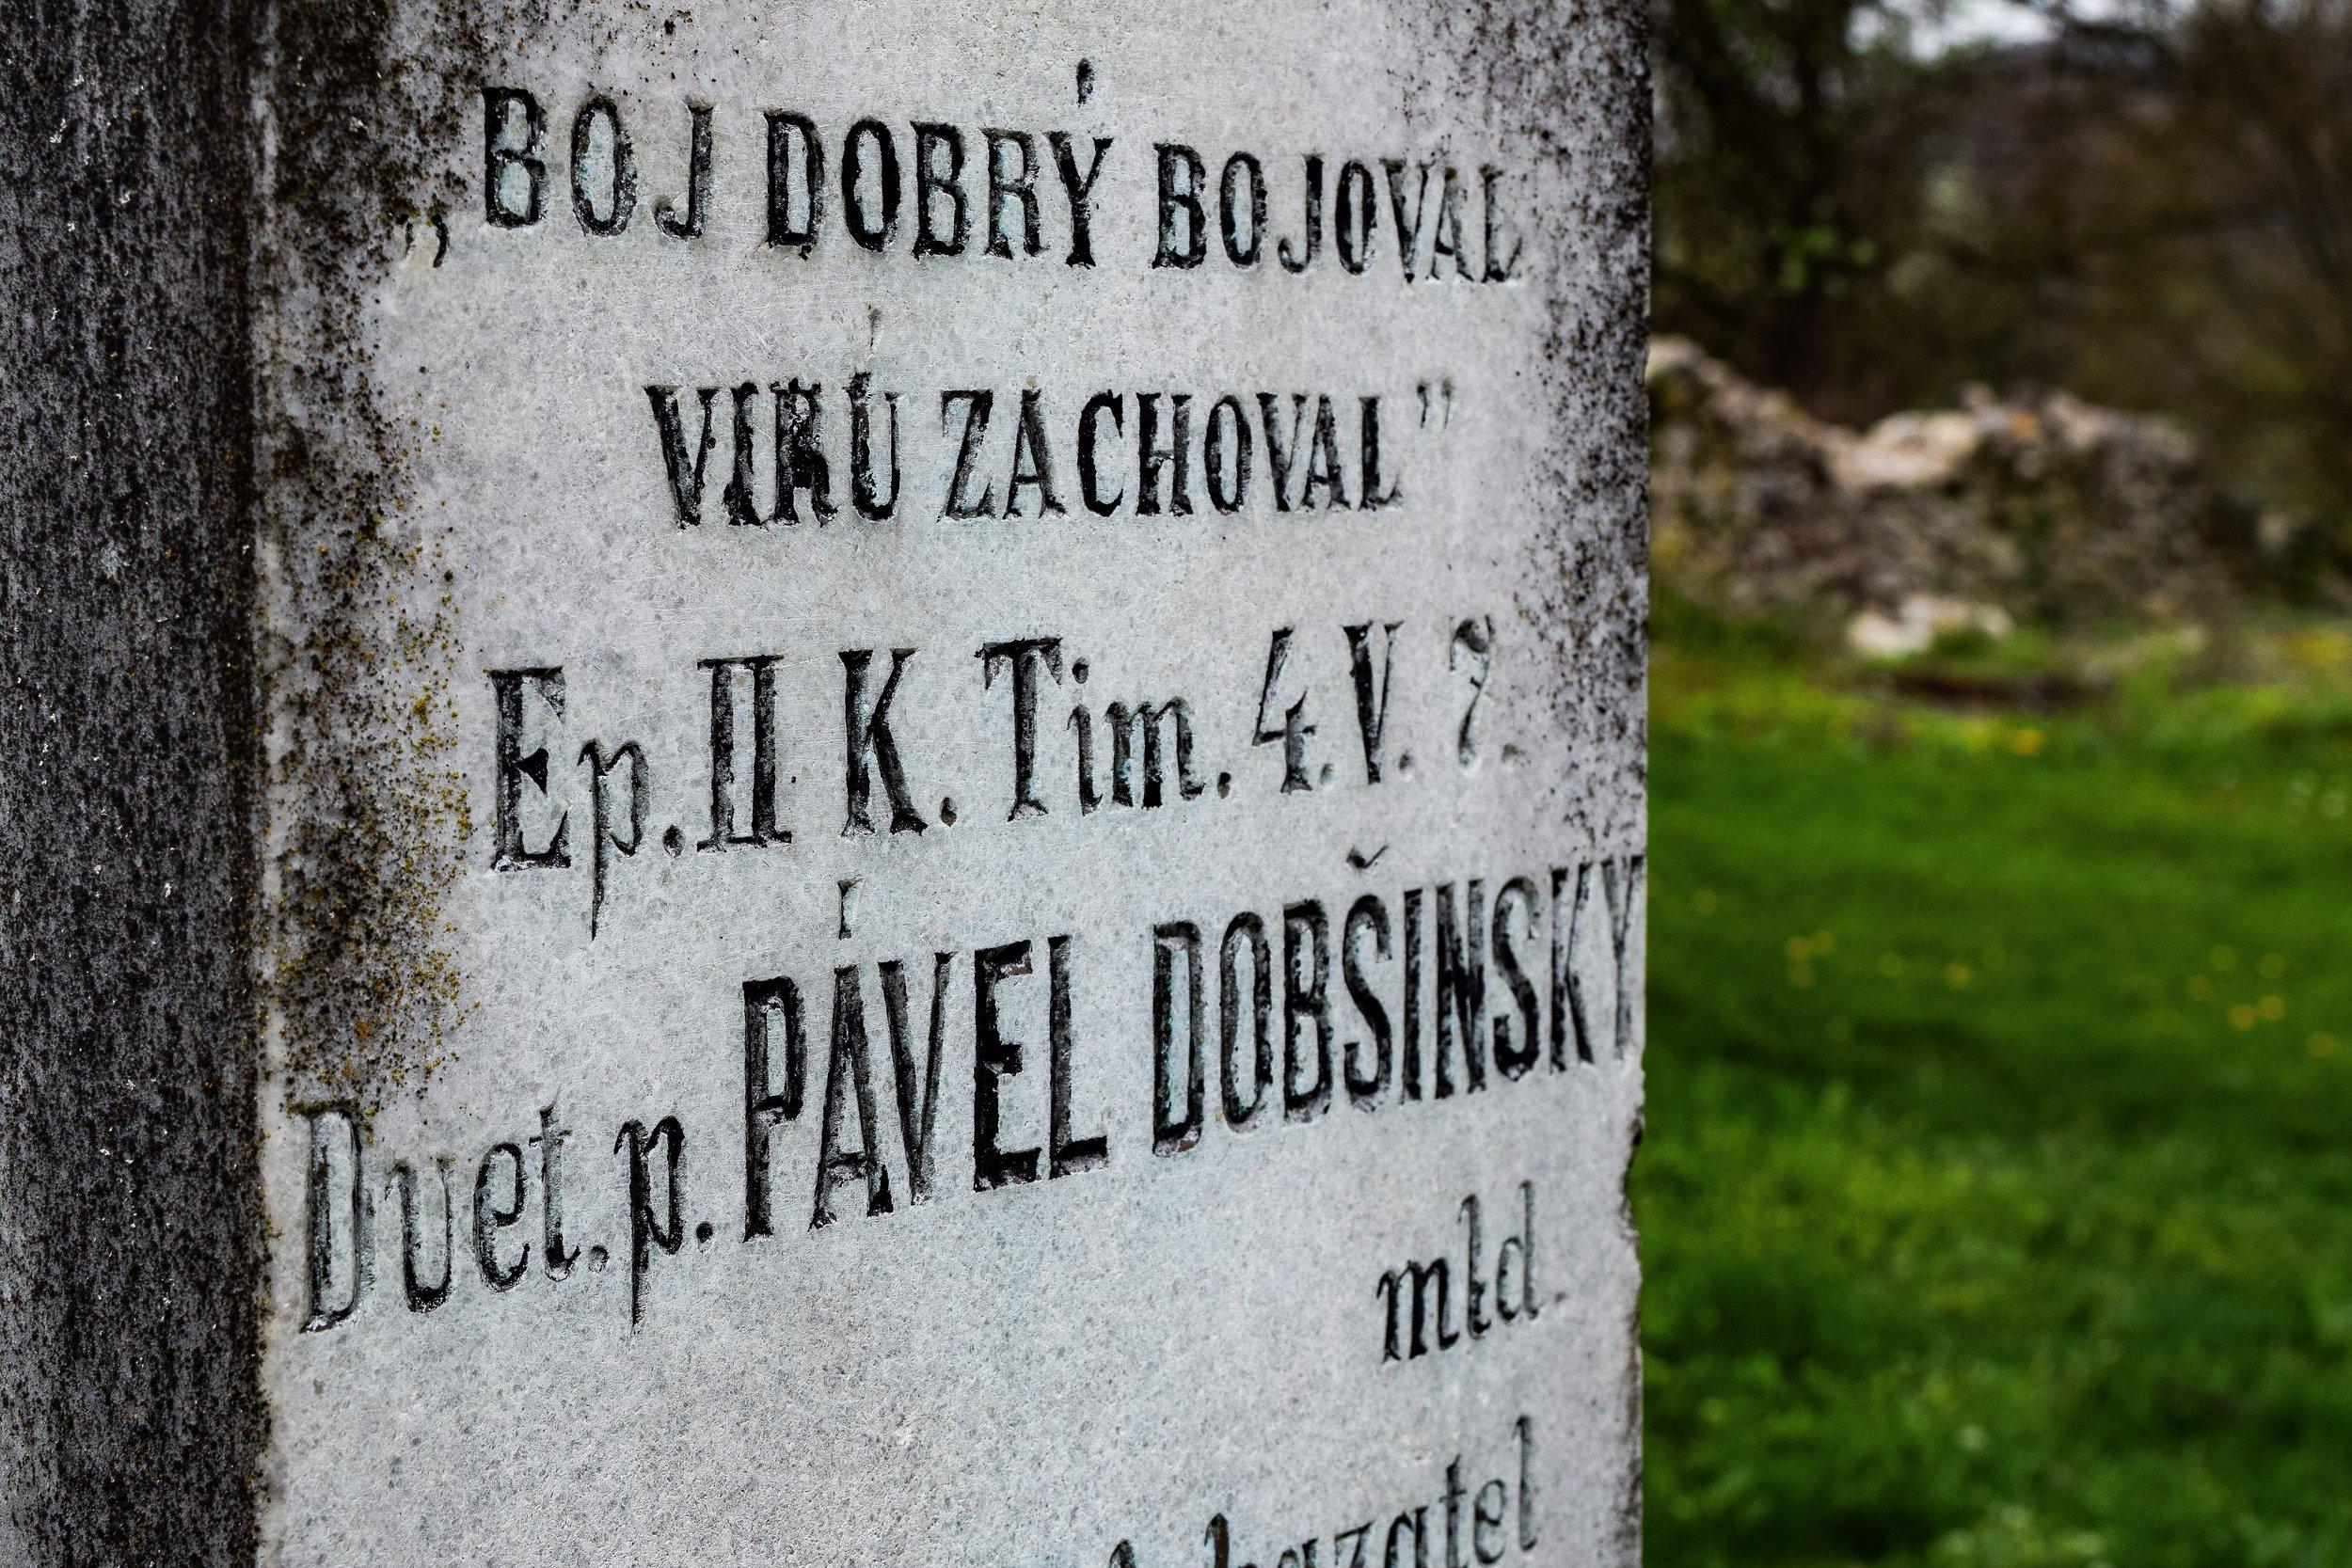 Drienčany and Pavol DobšinskÝ's final resting place -